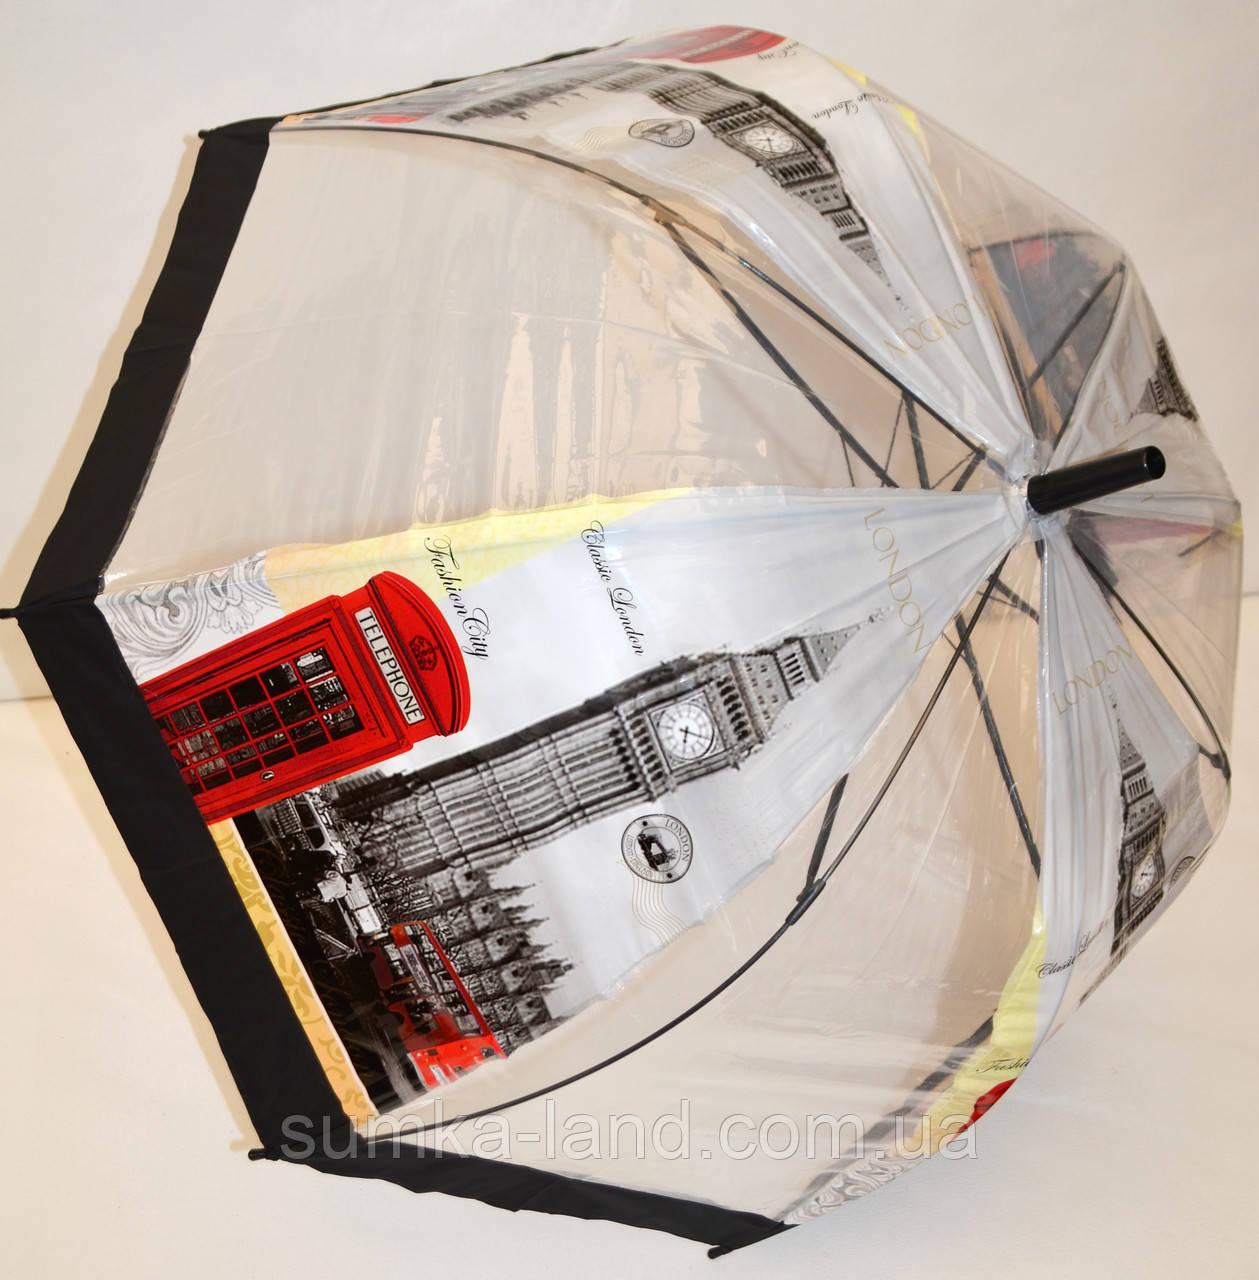 Дитячий силіконовий парасолька-тростина фірми Fiaba на 8 спиць, прозорий Лондон